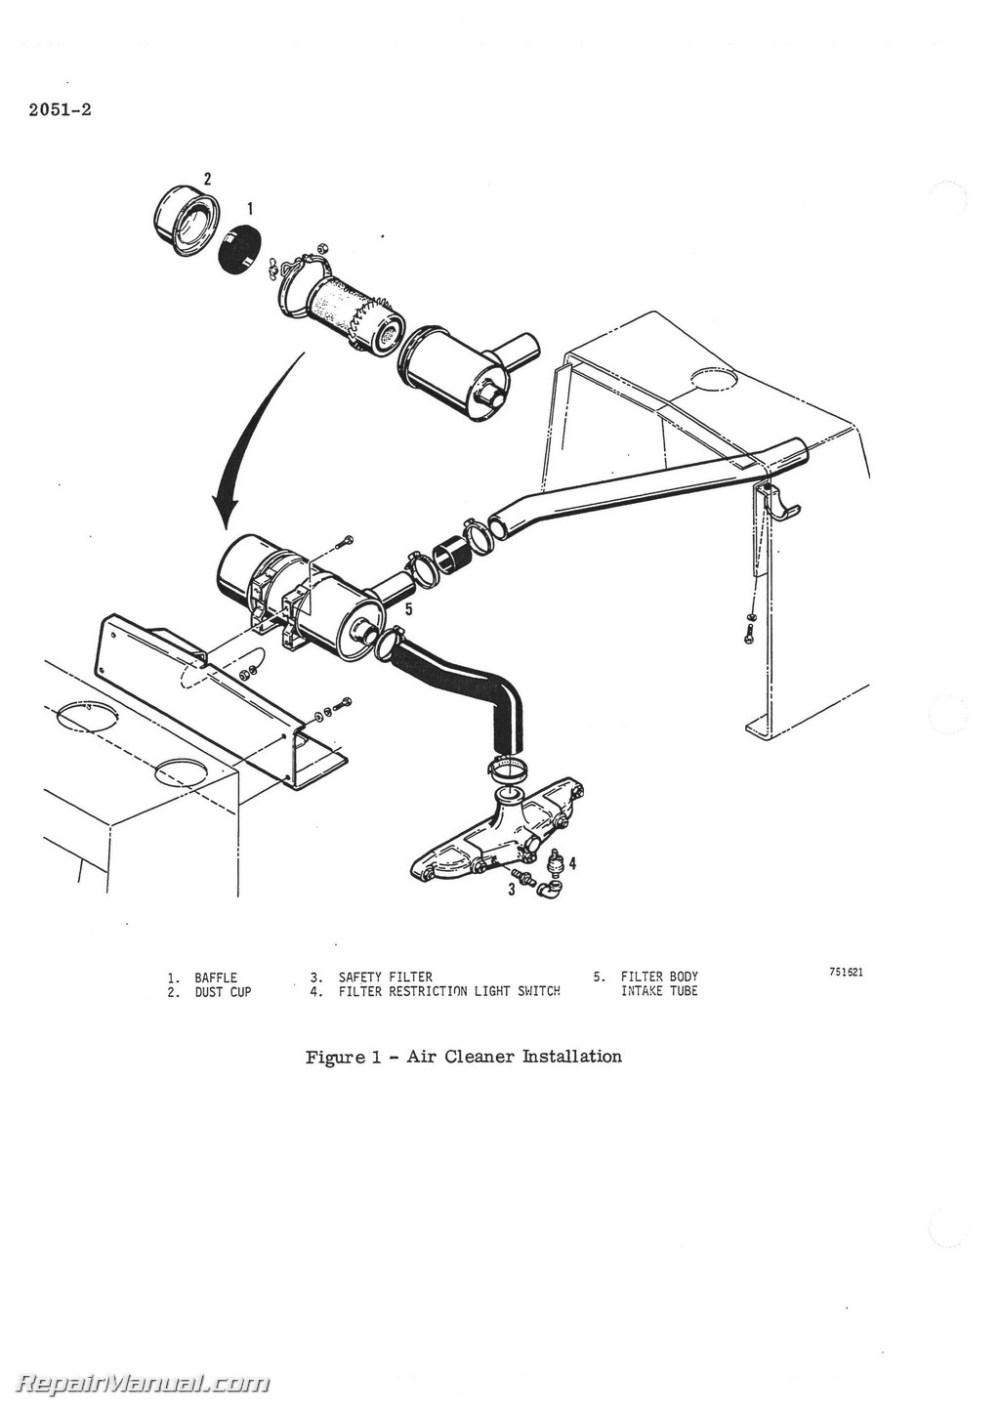 medium resolution of case 580c wiring diagram wiring diagrams rh 2 crocodilecruisedarwin com case 580ck ignition wiring case 580ck ignition wiring